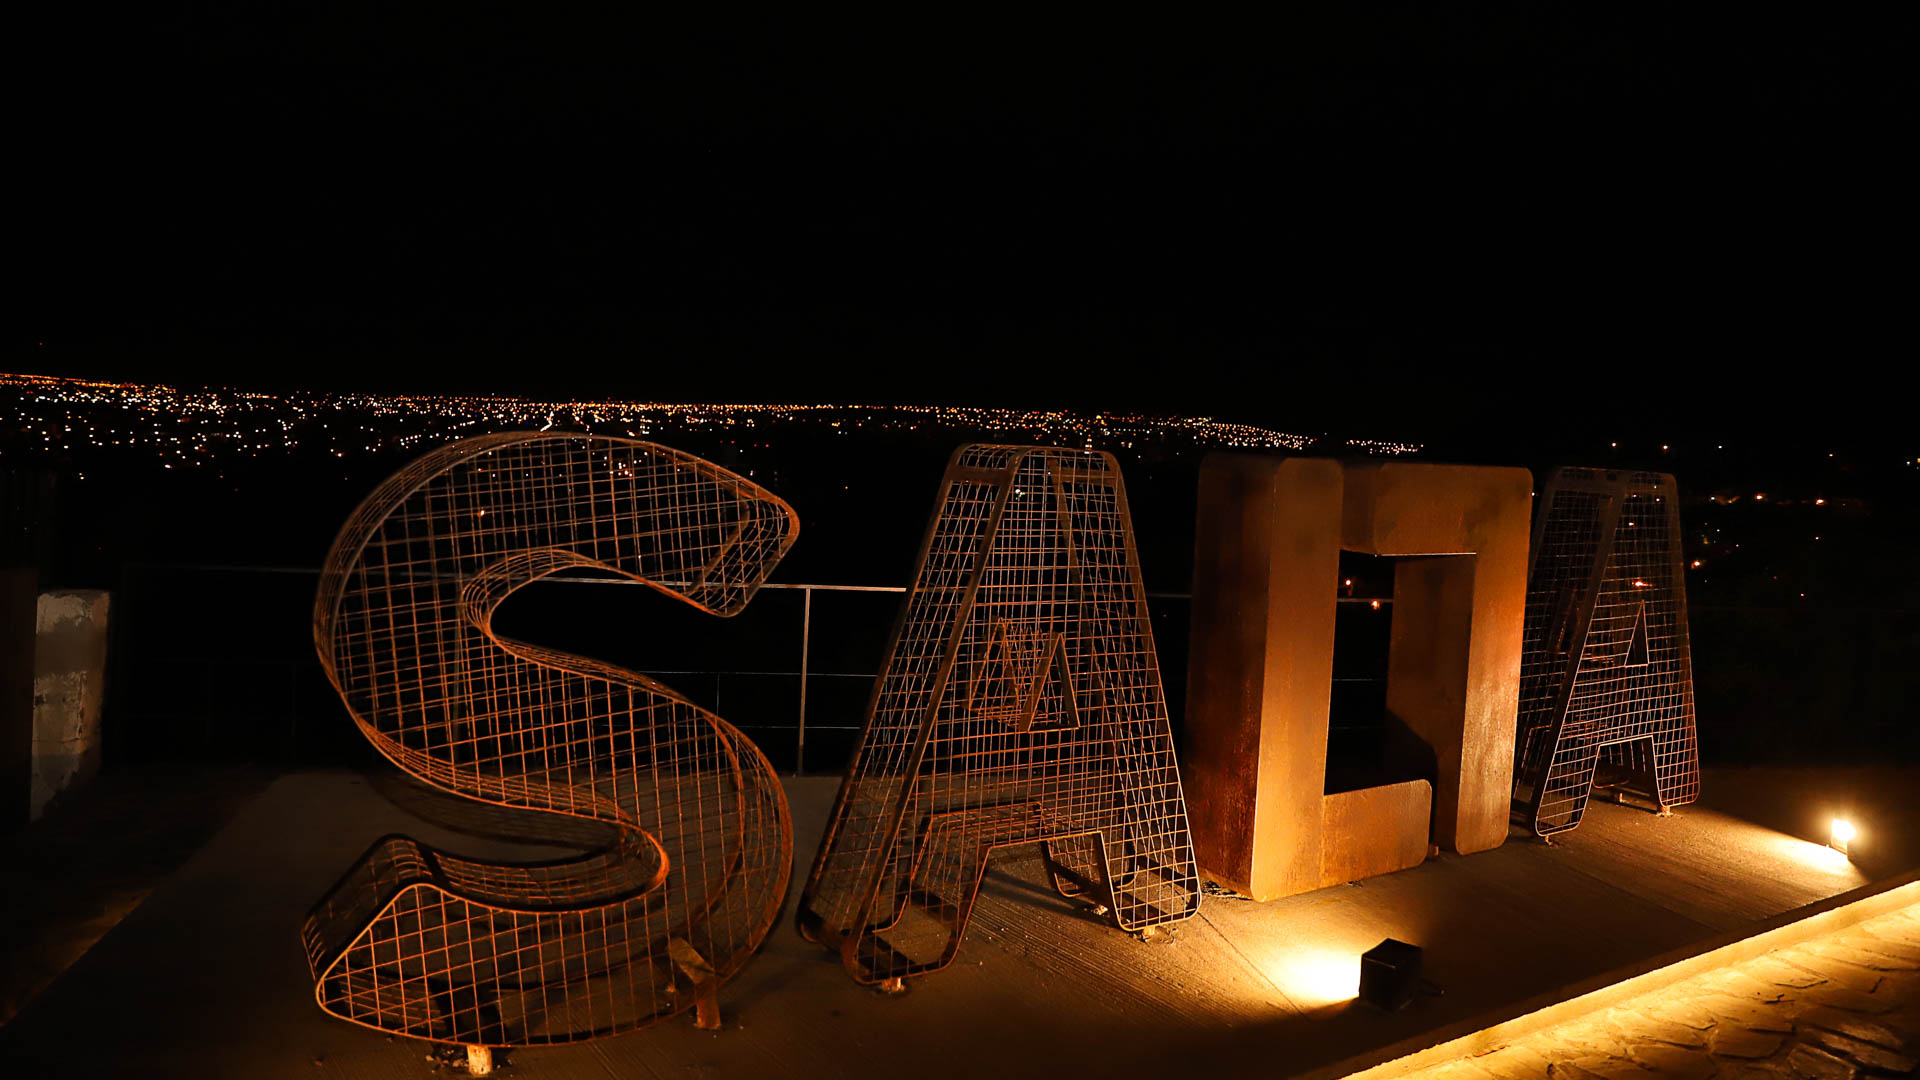 Noche cerrada sobre la ciudad capital, vista desde el acceso por El Portezuelo.